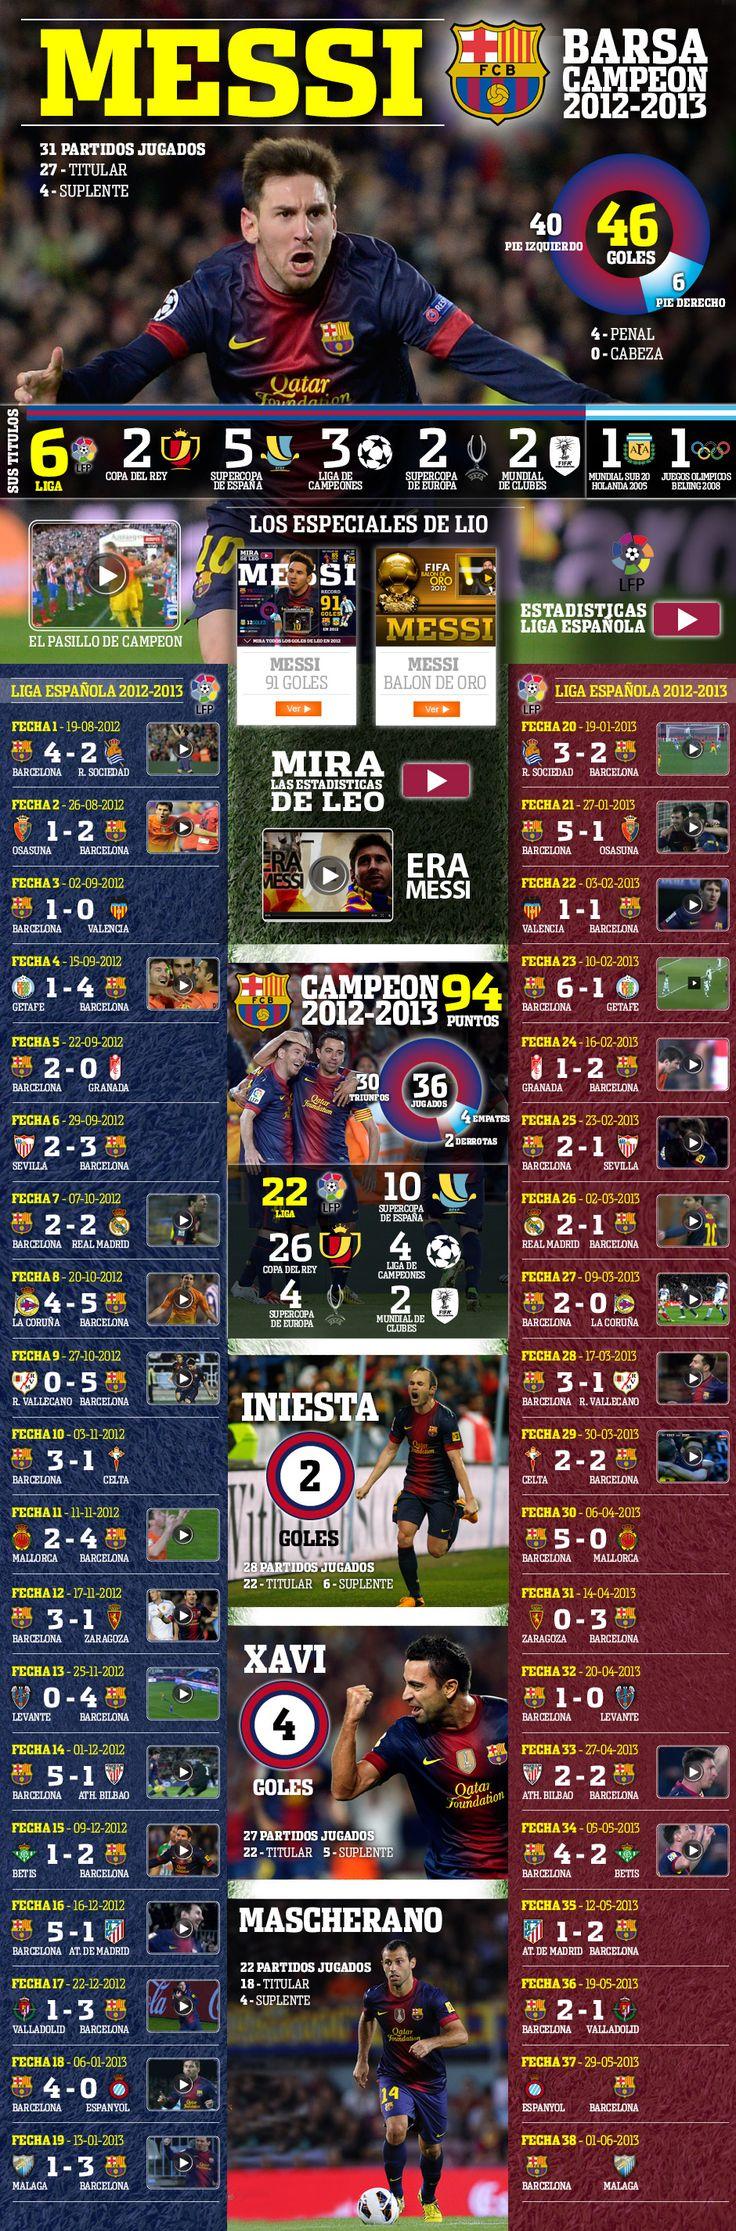 Infografía - Messi campeón 2012-2013